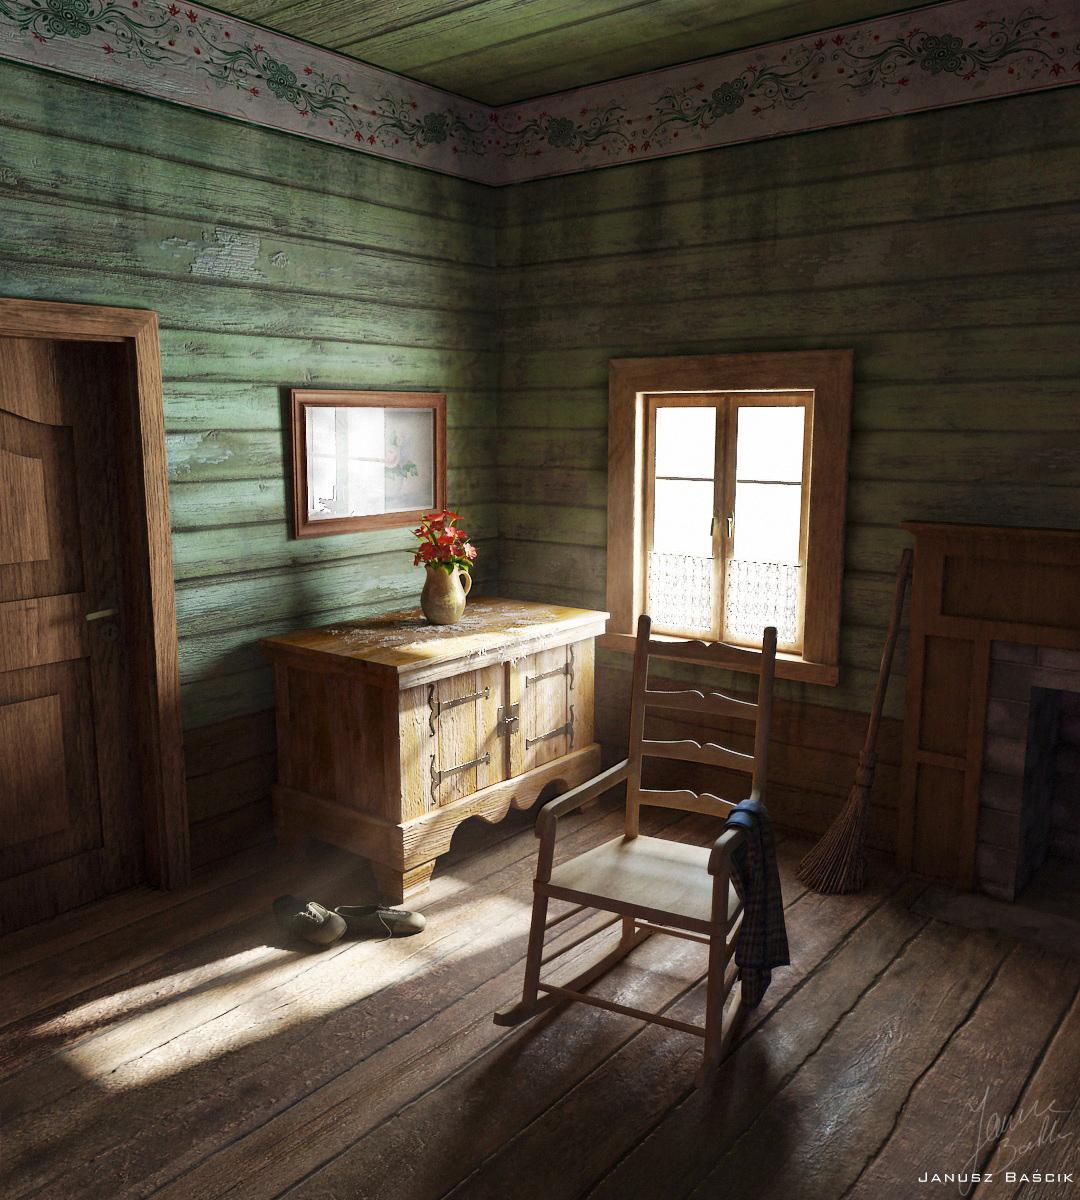 Nastrojowa wizualizacja wnętrza chaty góralskiej